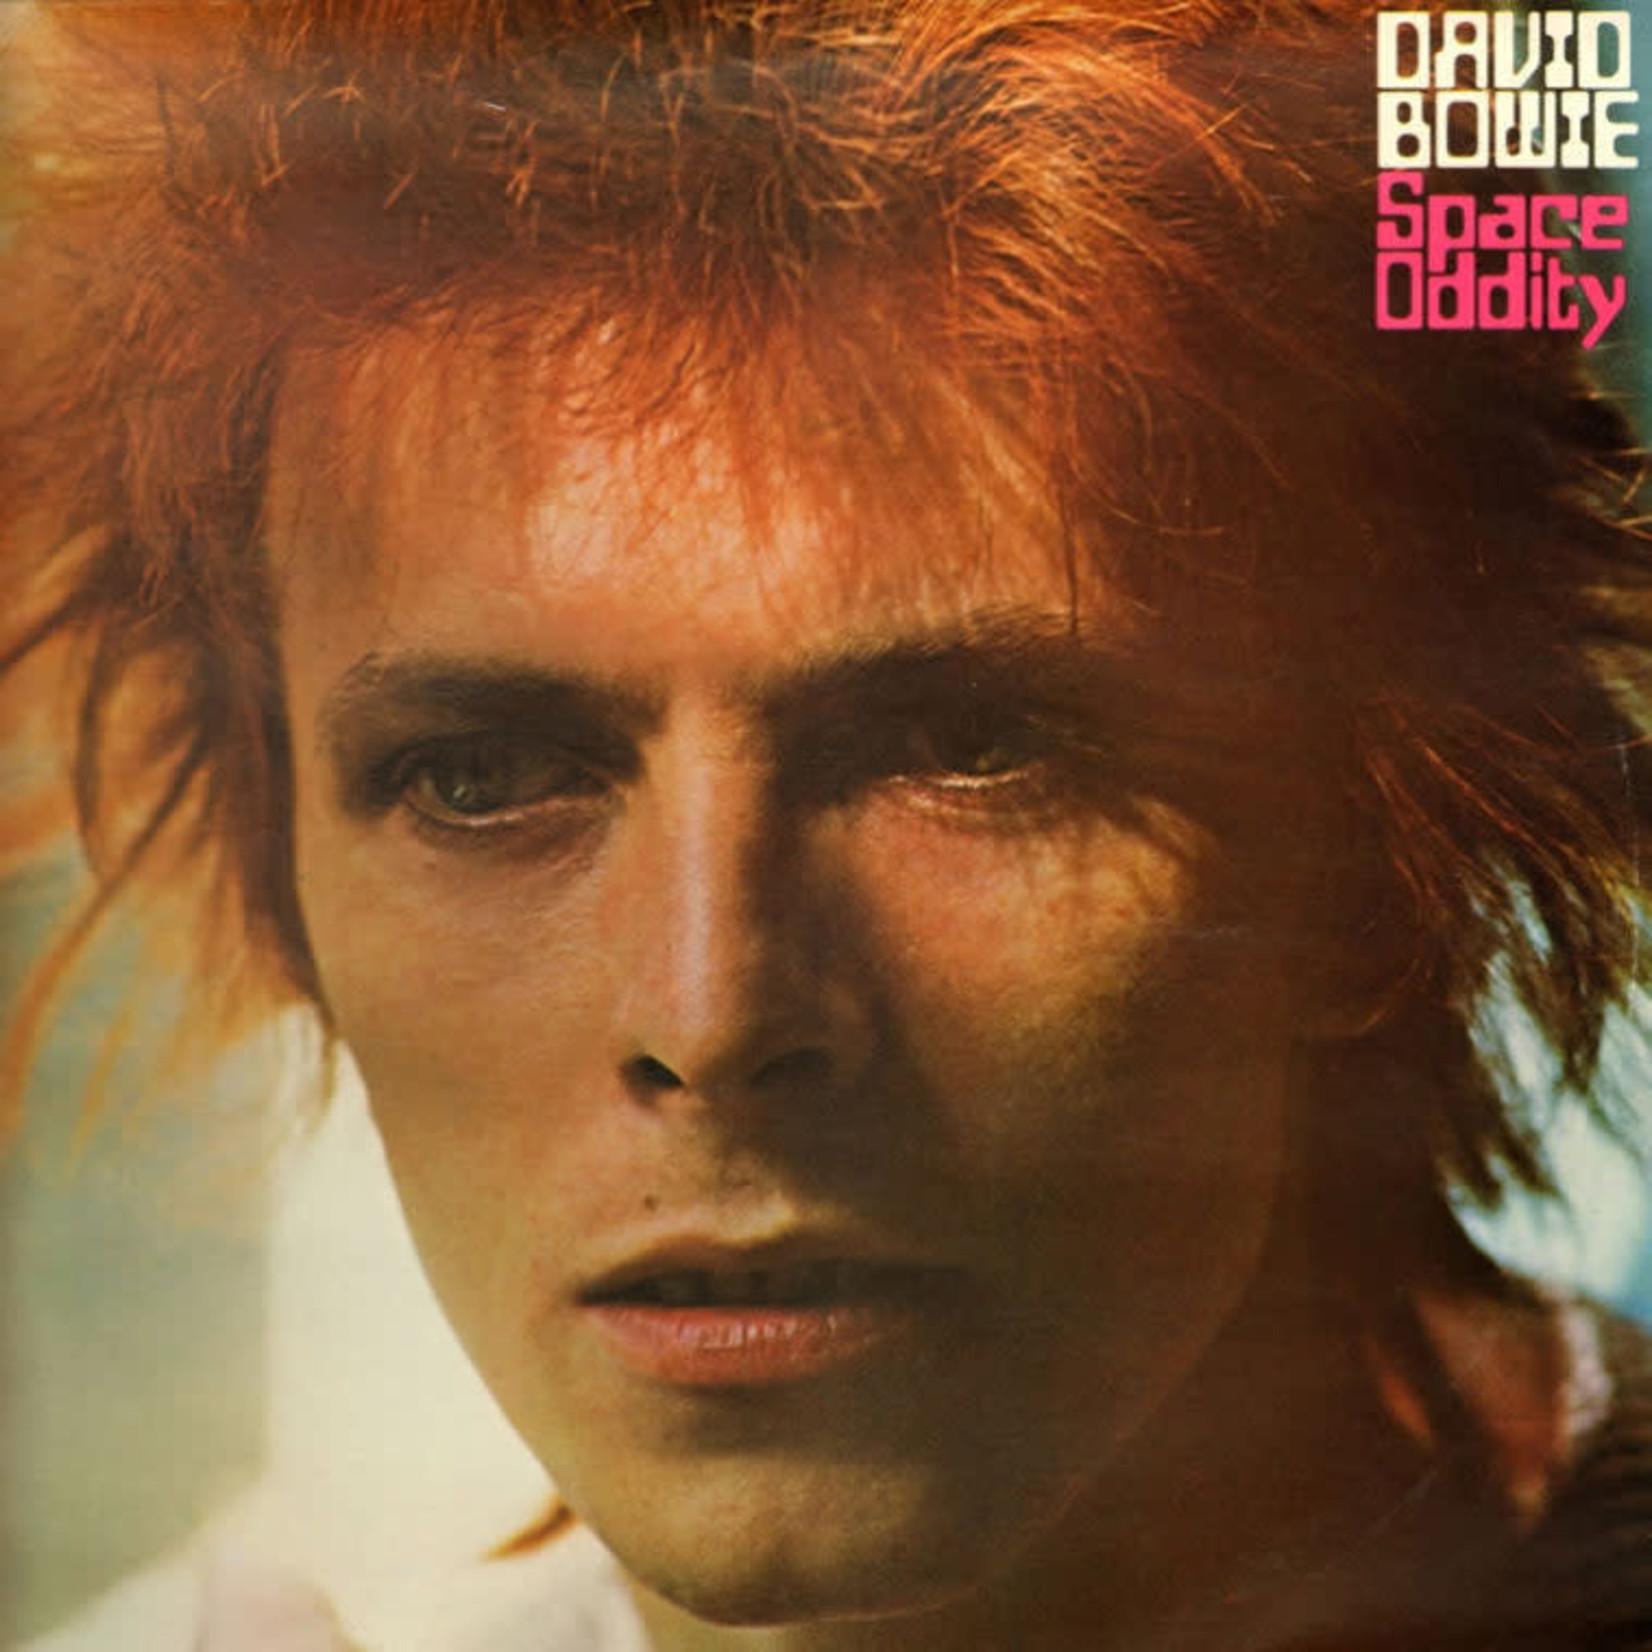 [Vintage] Bowie, David: Space Oddity (reissue)